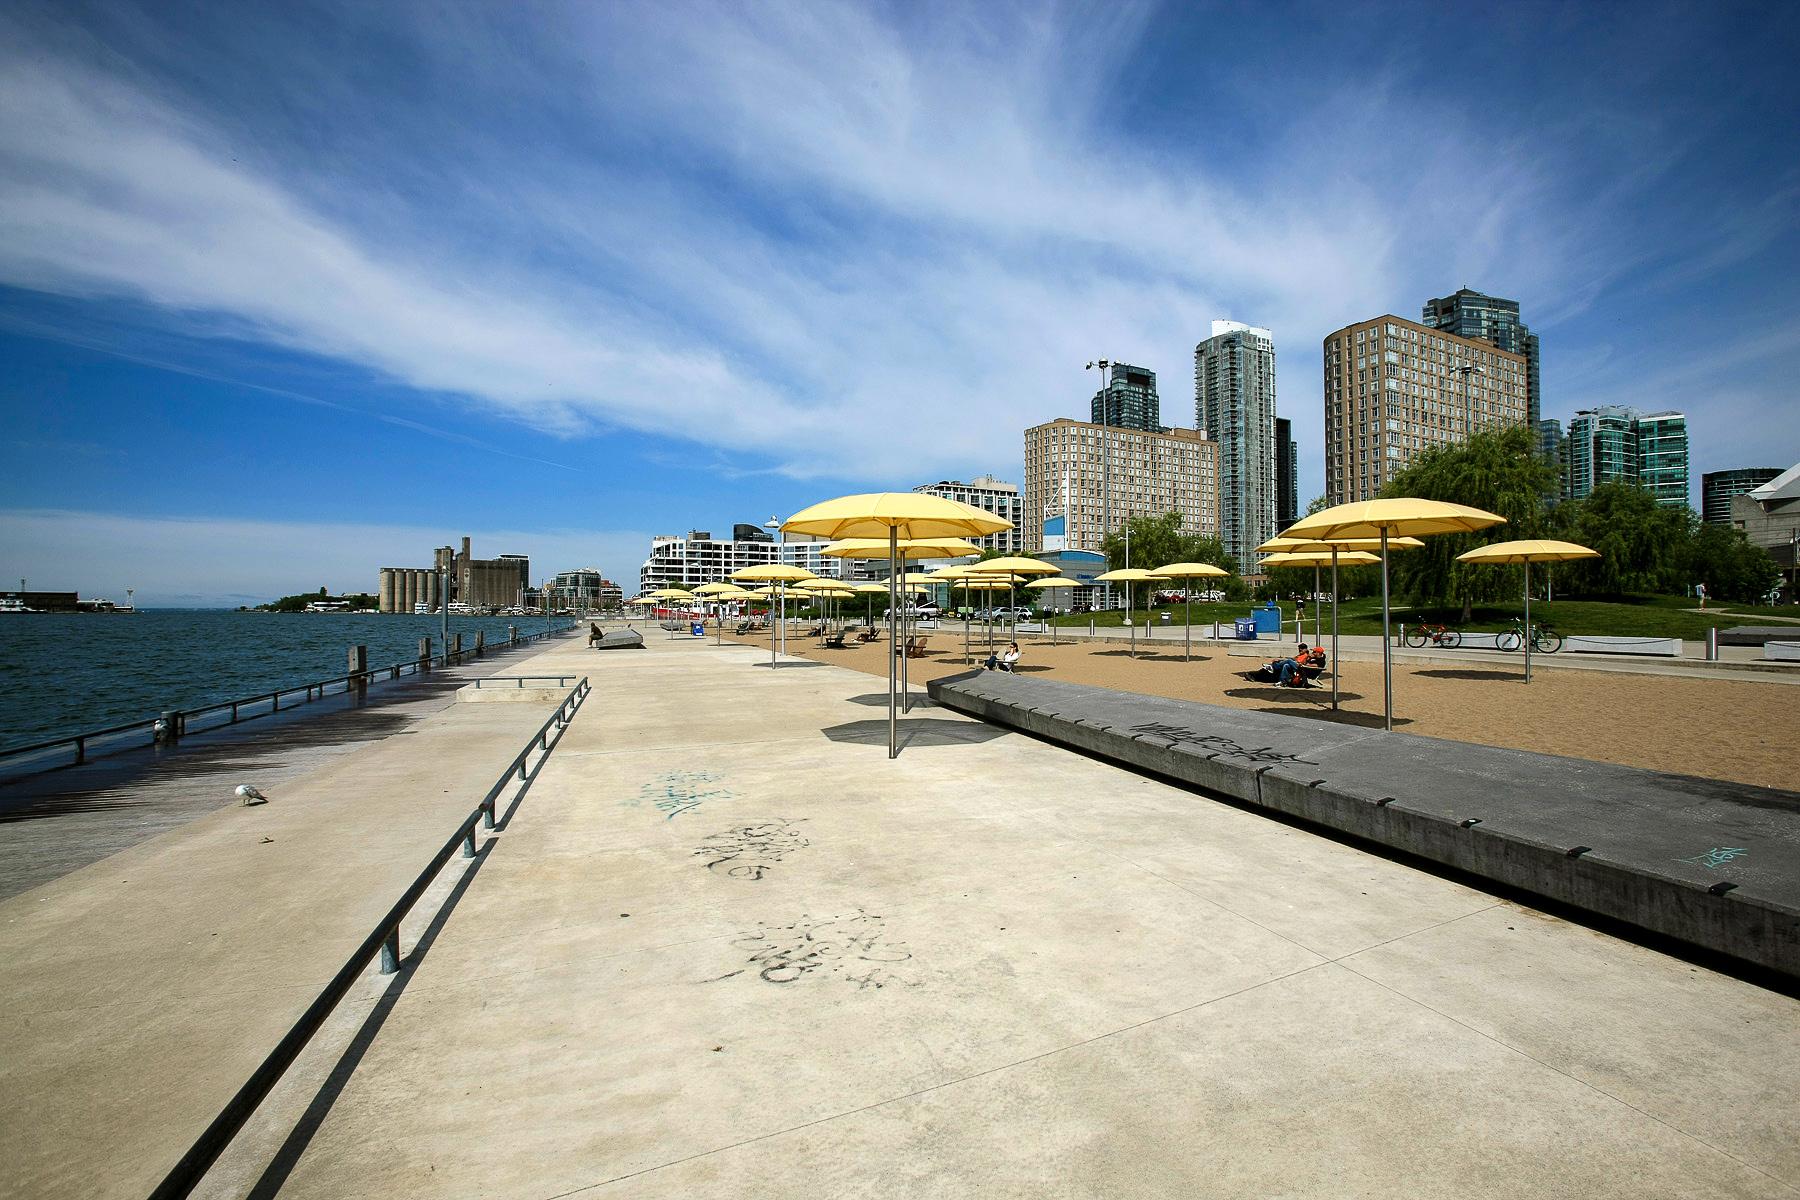 spiaggi pubblica nel HTO Park lungo il lago Ontario